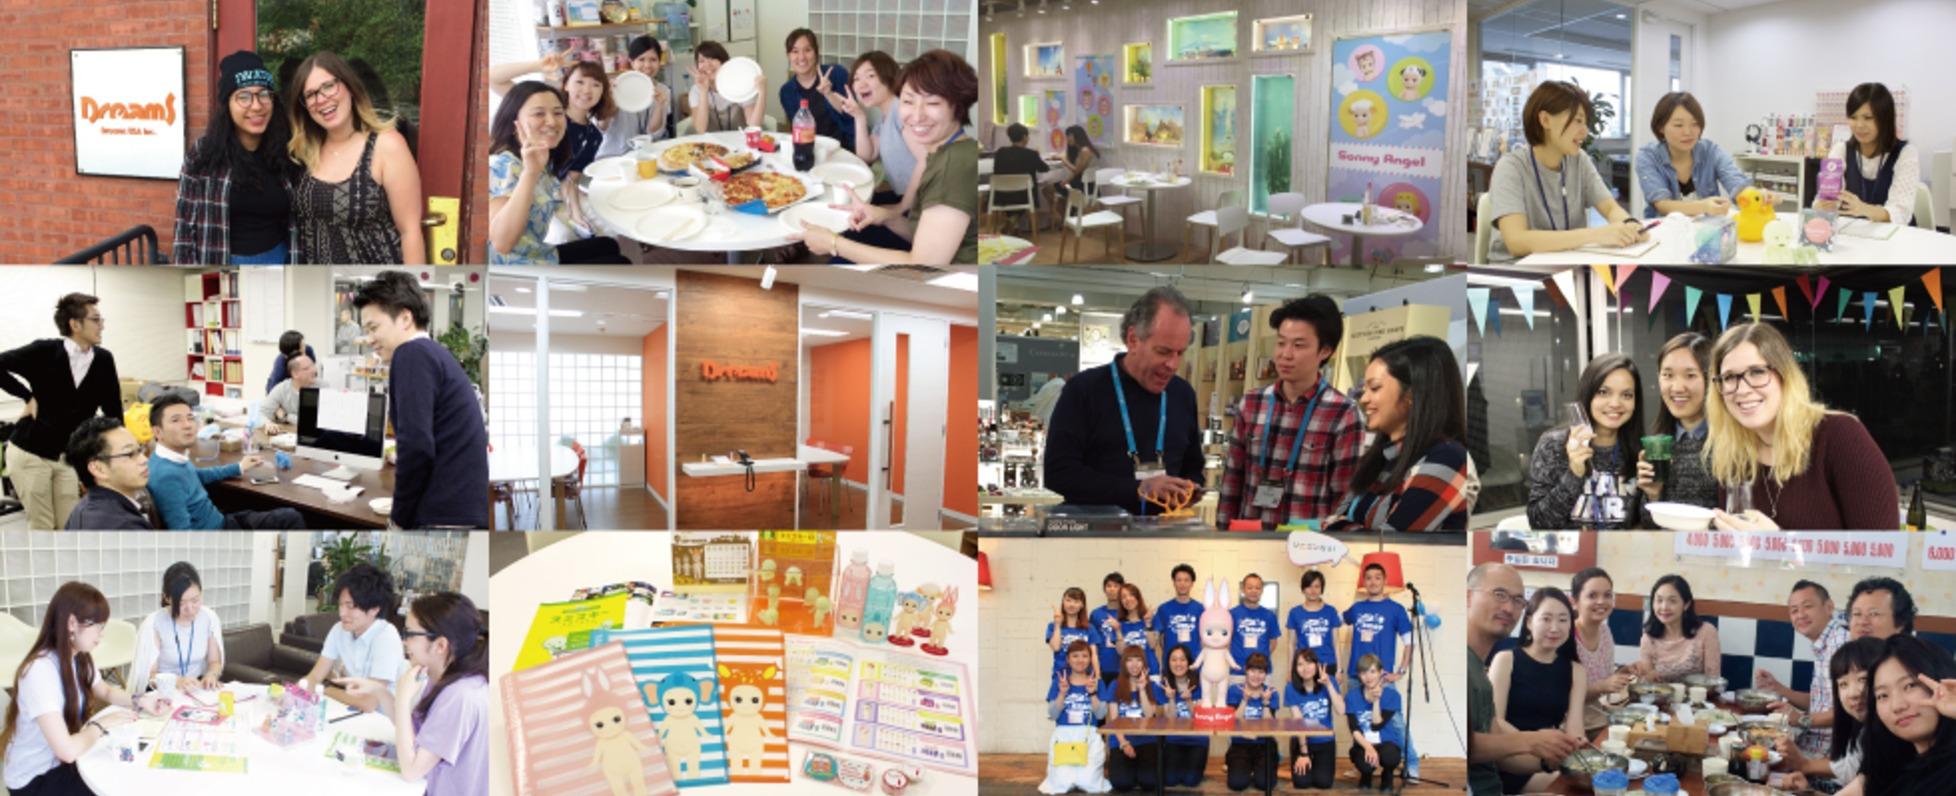 雑貨メーカーで広報職。日本のカワイイ(kawaii)文化を世界へ発信